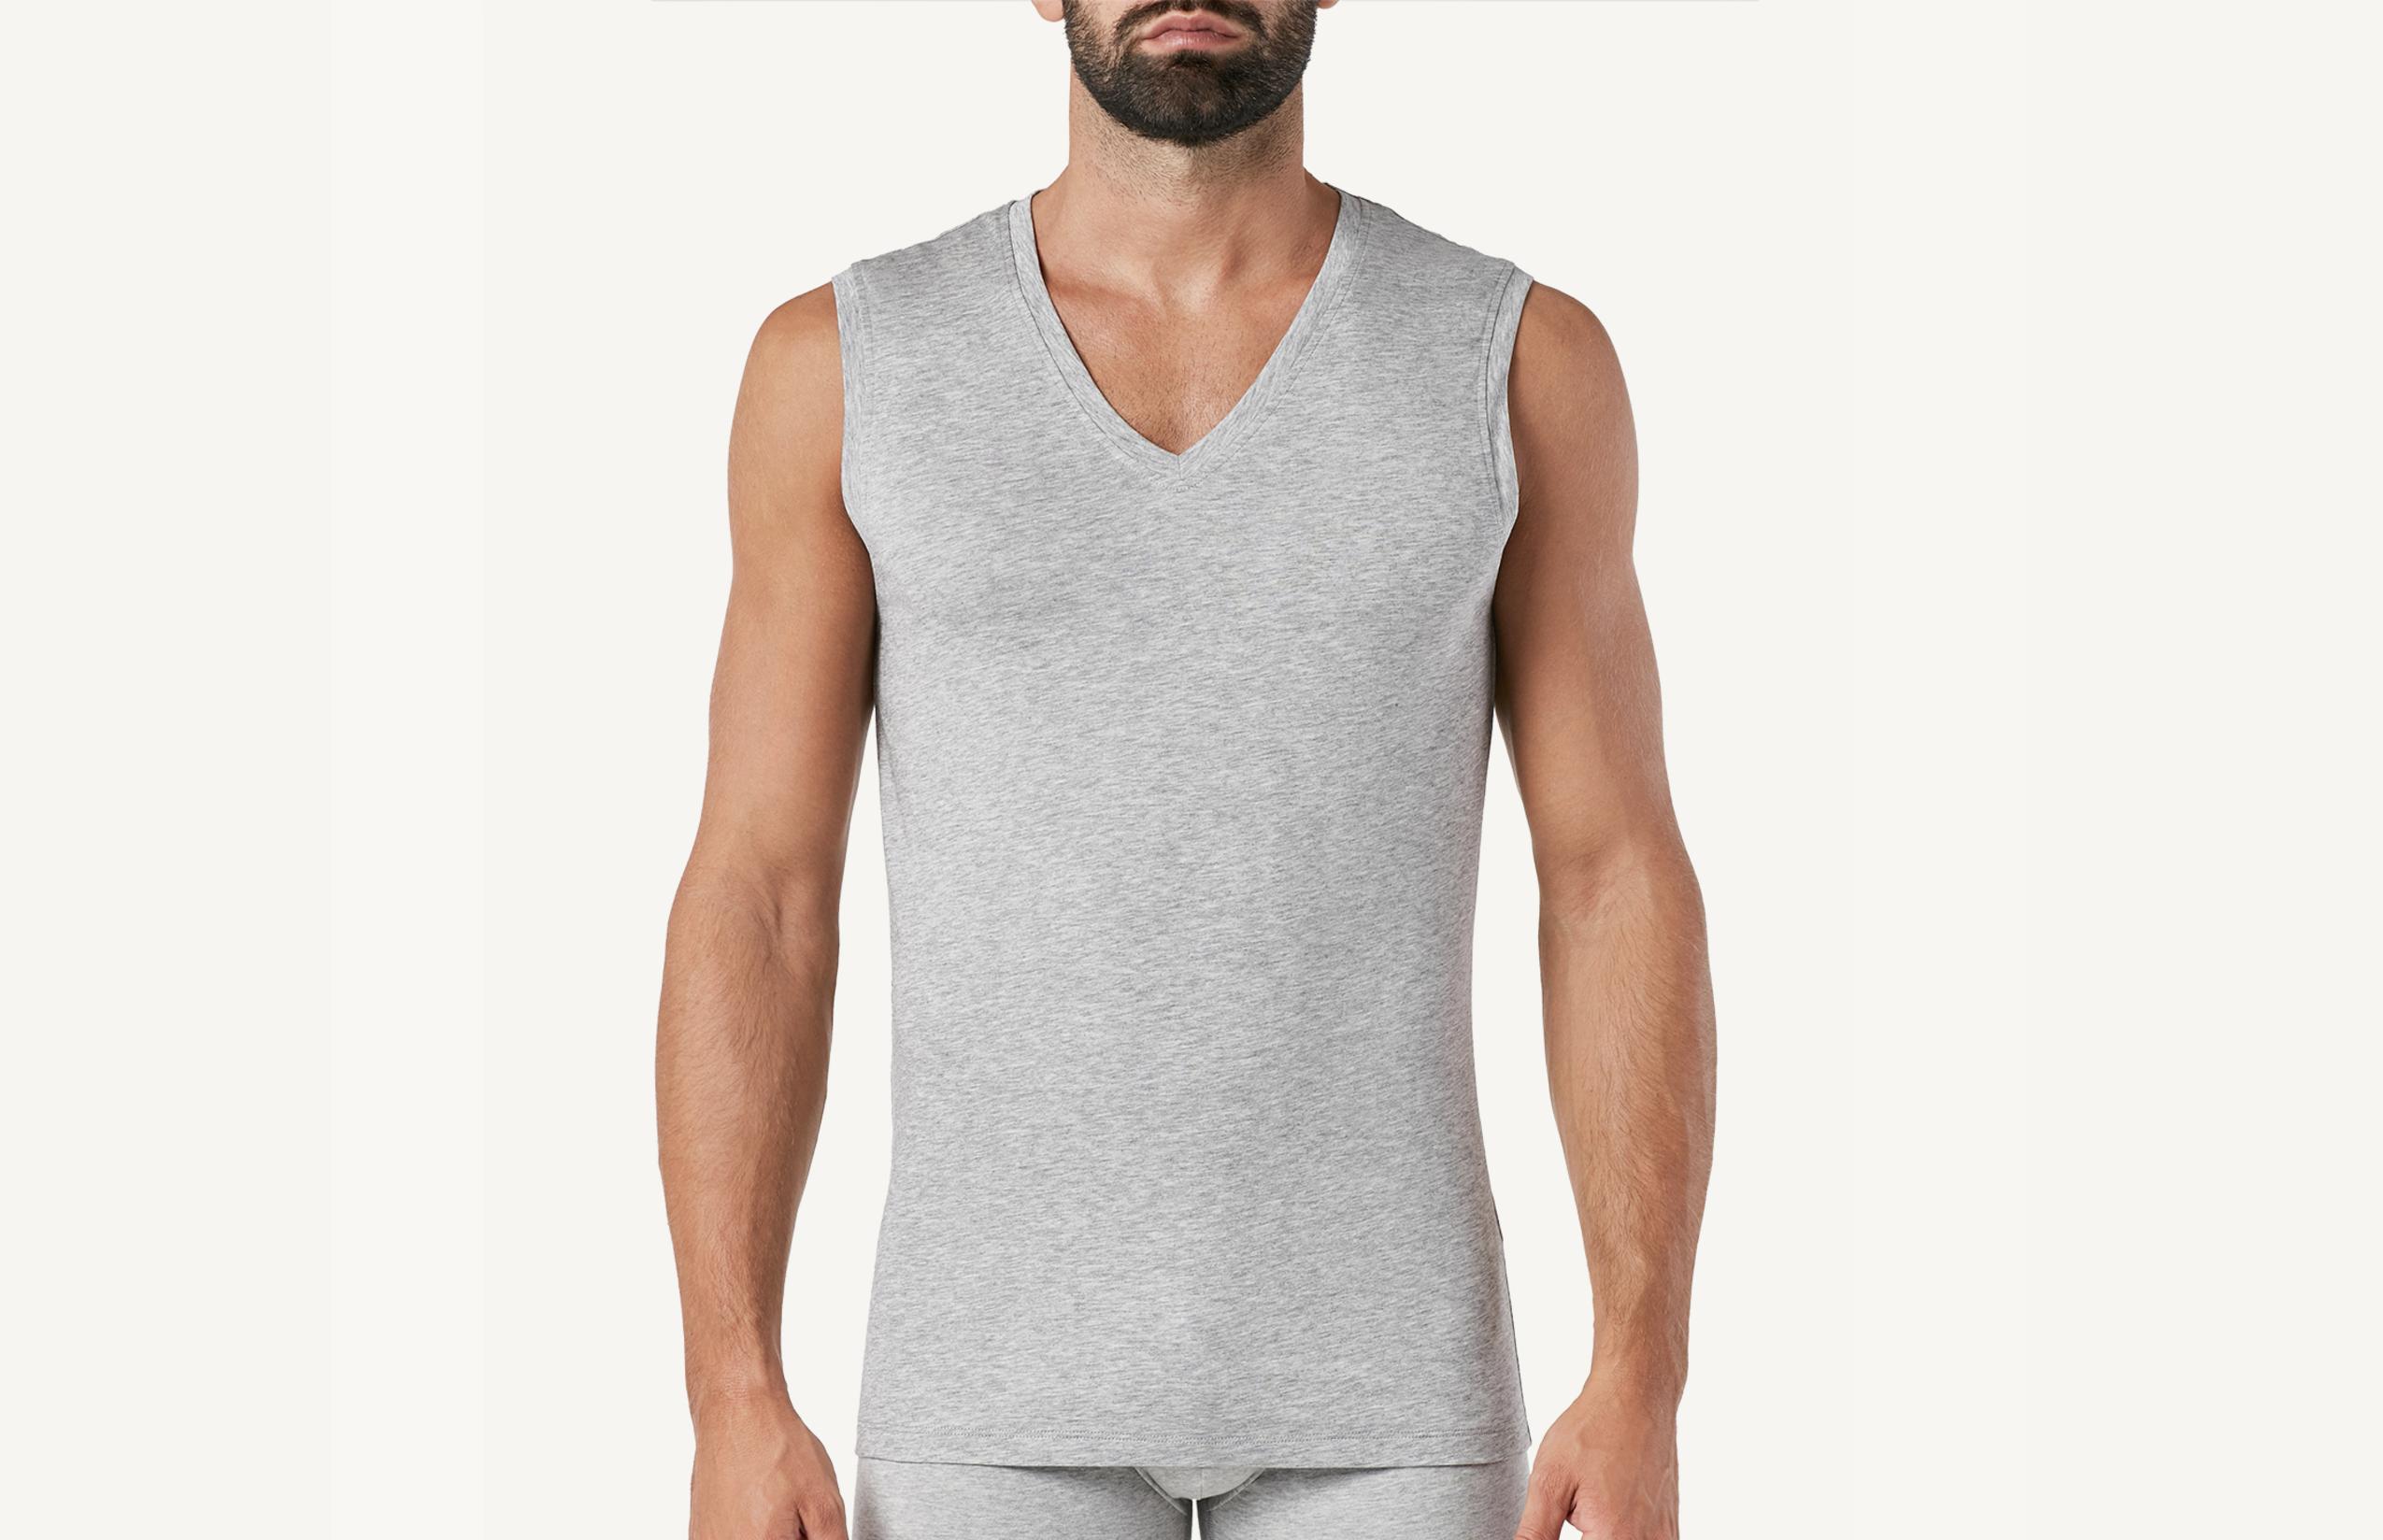 intimissimi - Trägerhemd Breite Trägern aus Supima Baumwolle